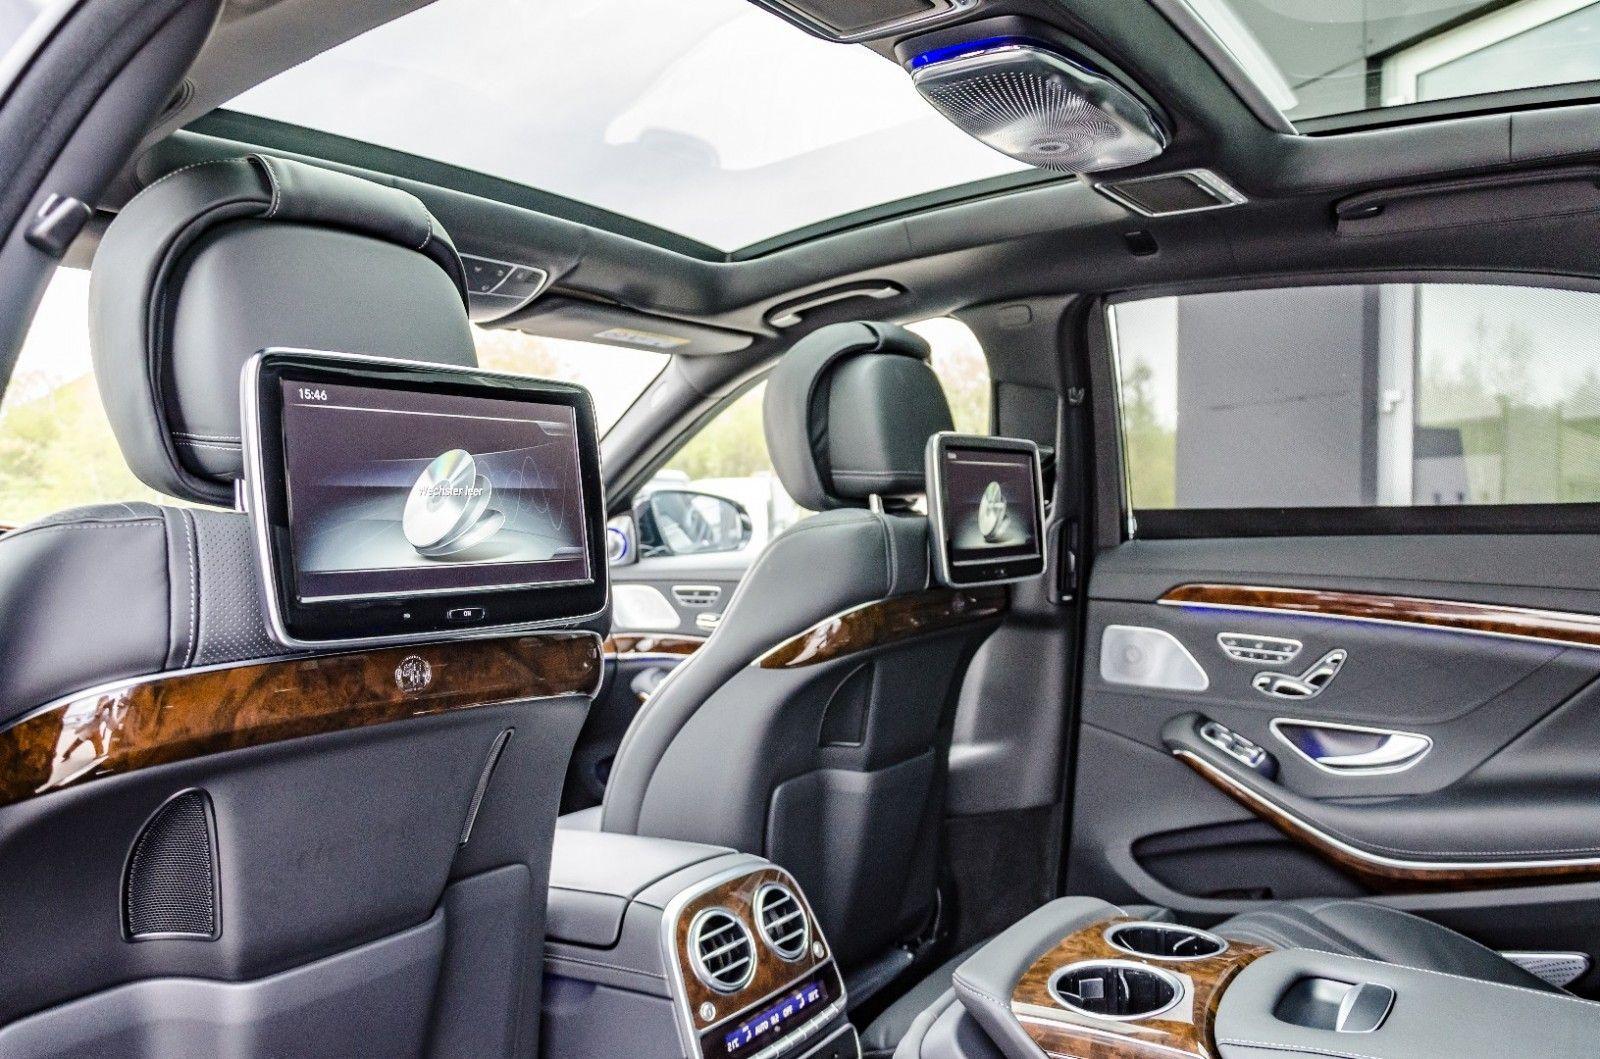 Mercedes Benz S 65 Amg L 5 Seats Burm 3d Night Vision 360 Export Price 140 420 Stosk L549 Fuel Consumption Dubai Cars Benz S Mercedes Benz